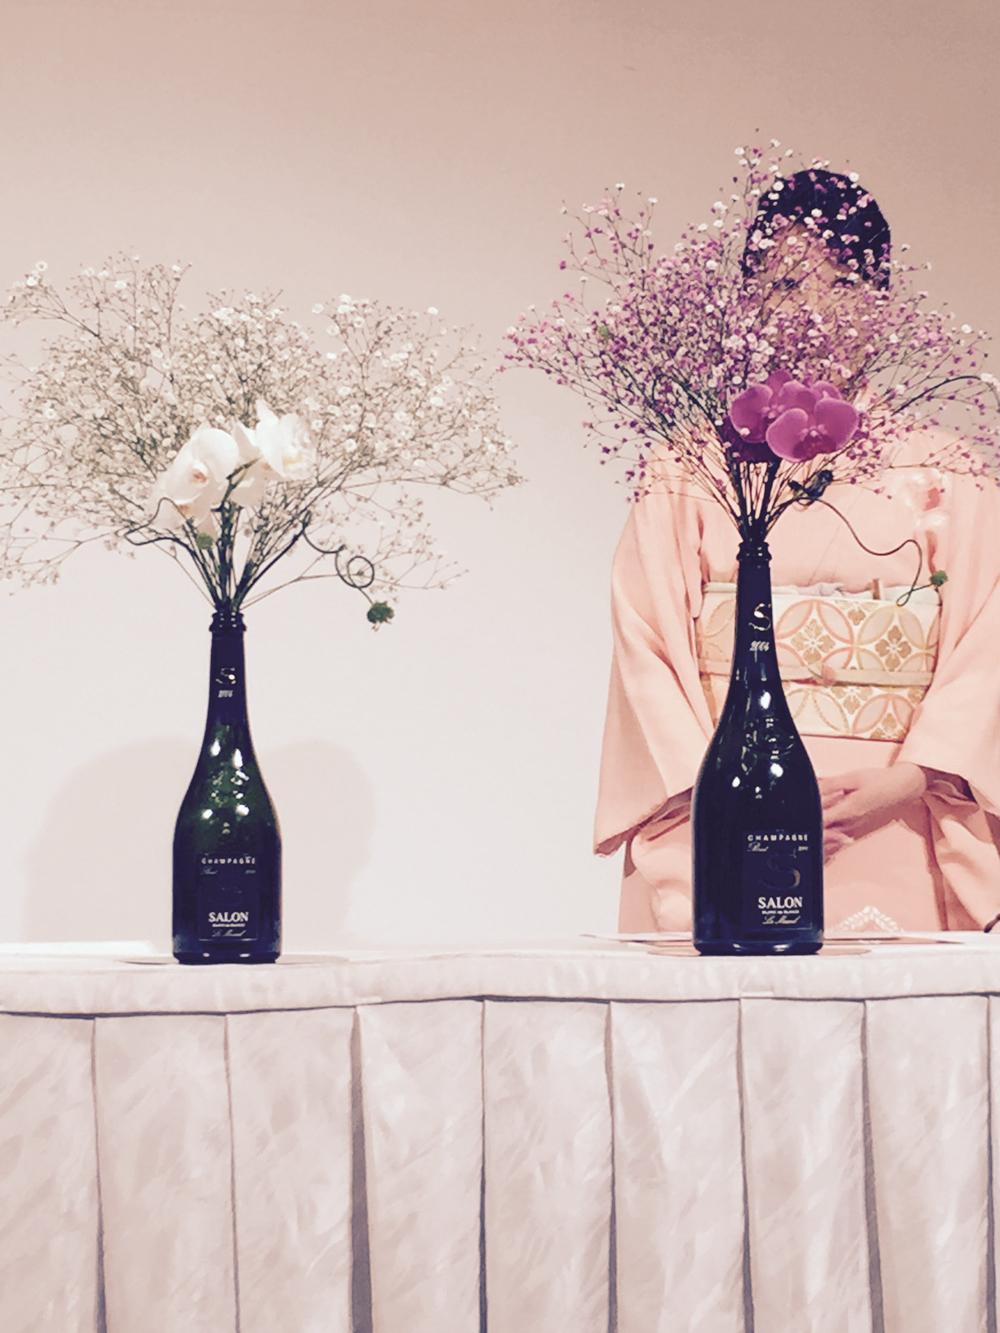 Champagne Salon 2004 Kyoto Japan